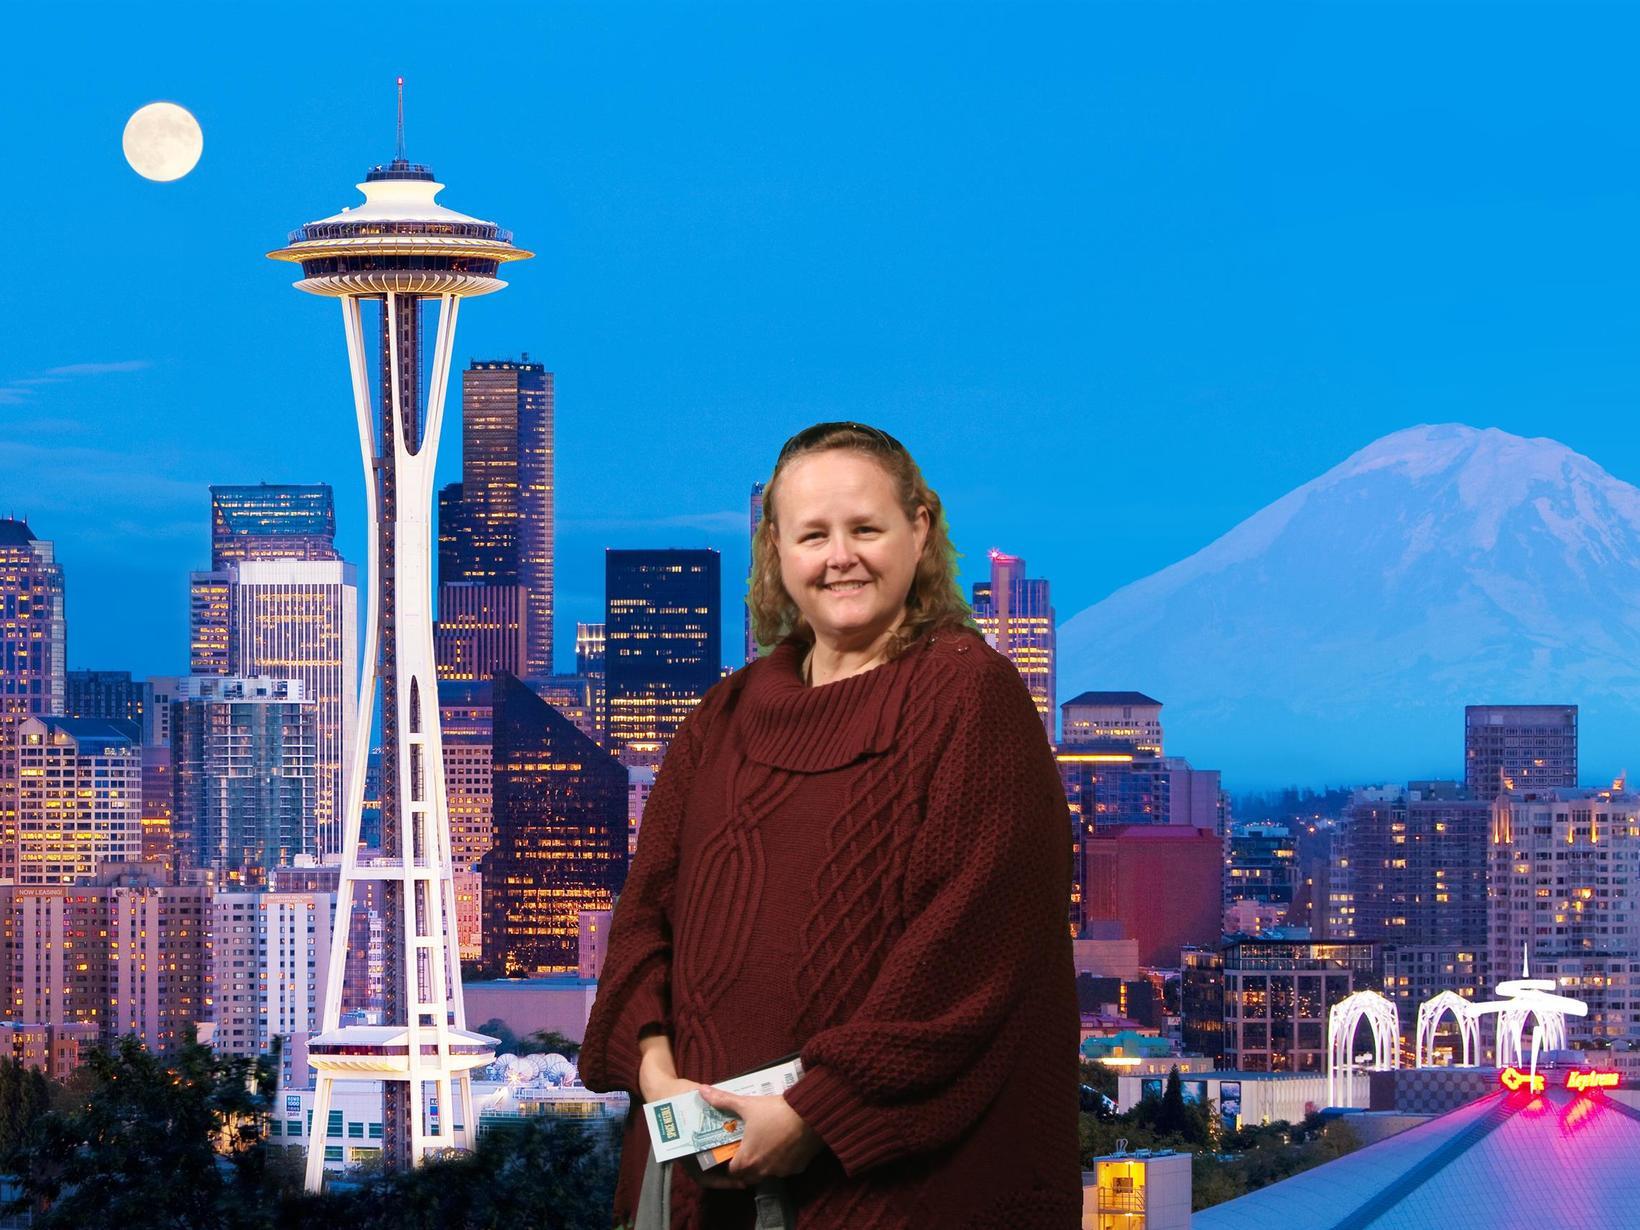 Jana from Lynnwood, Washington, United States